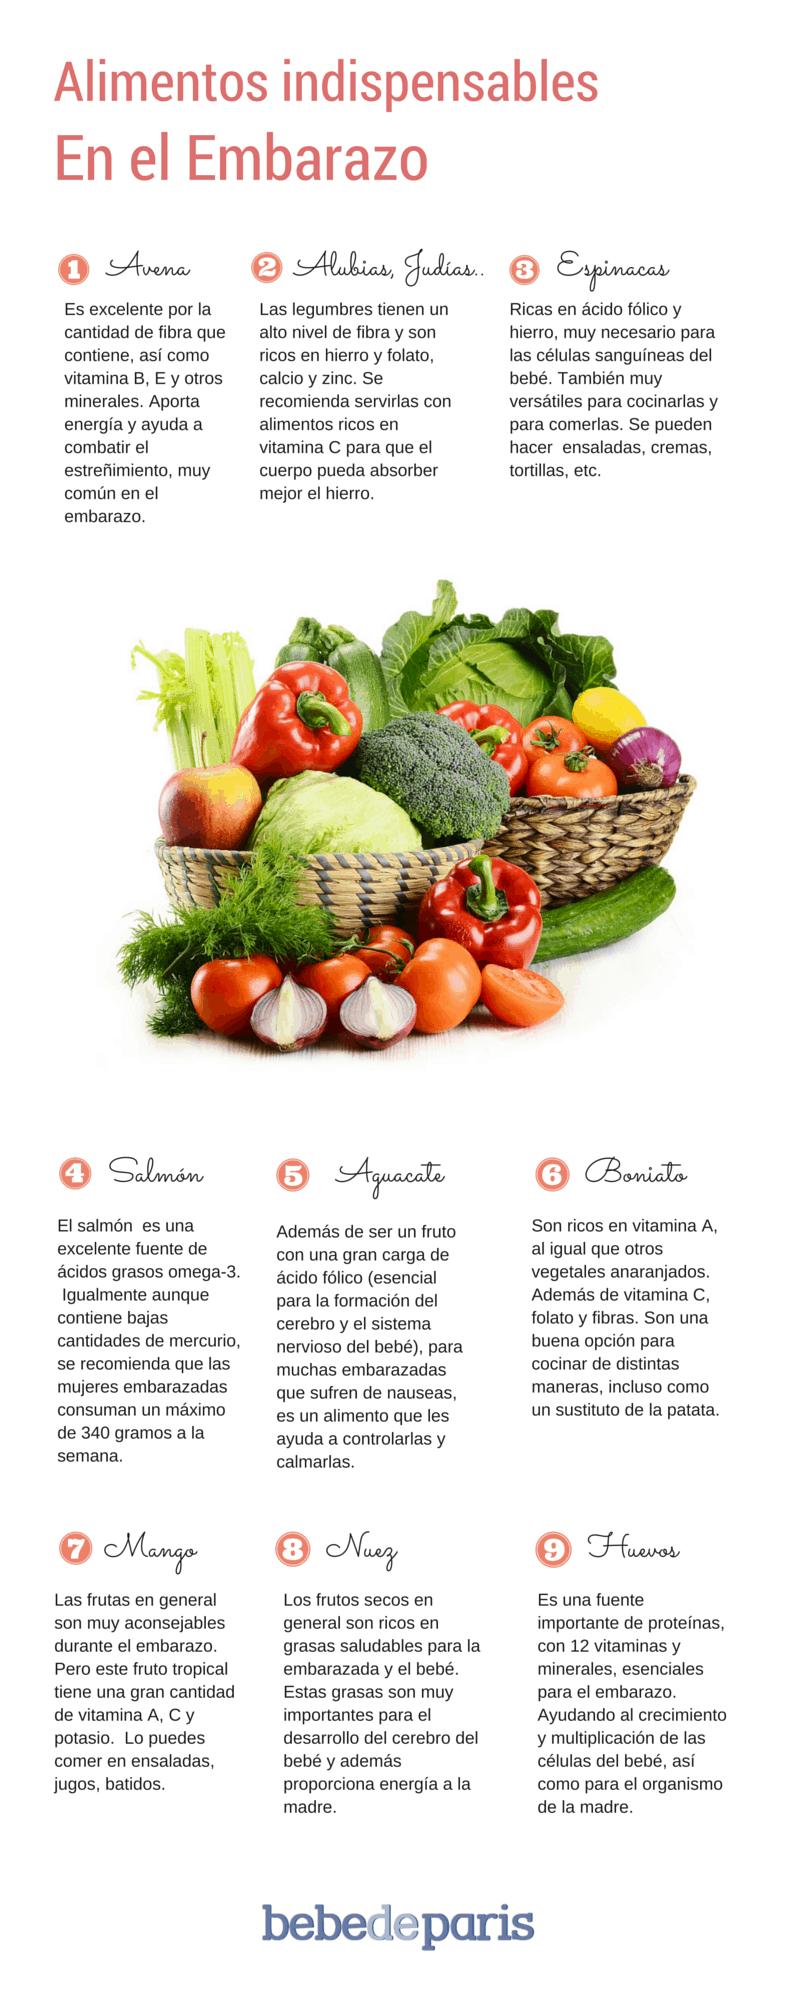 Alimentos indispensables en el embarazo beb de par s - Alimentos buenos en el embarazo ...